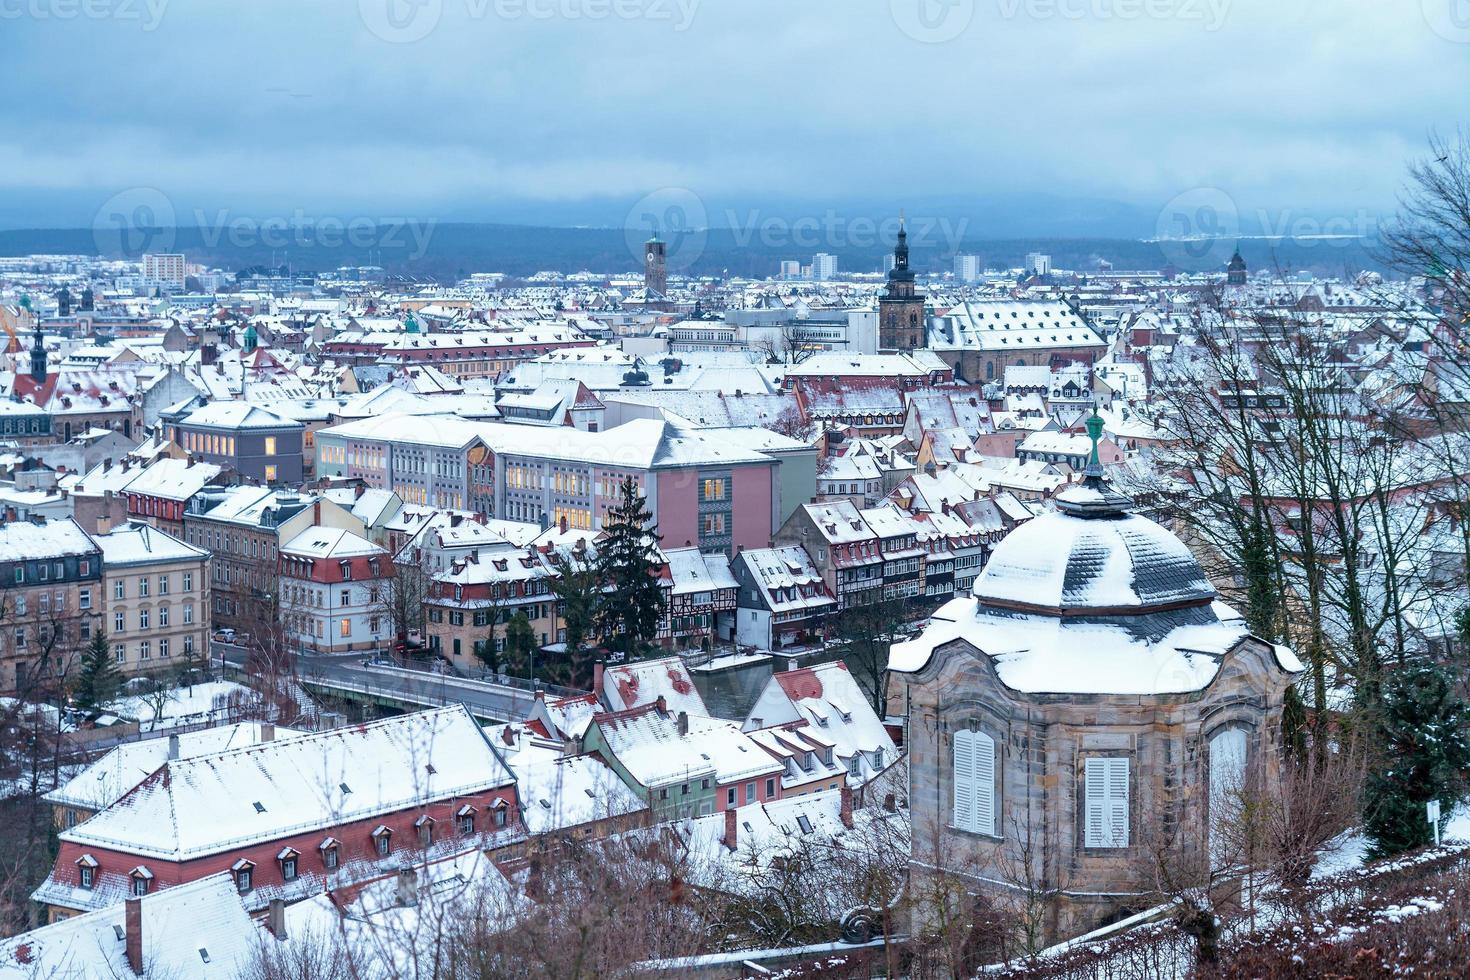 ciudad de invierno de bamberg foto